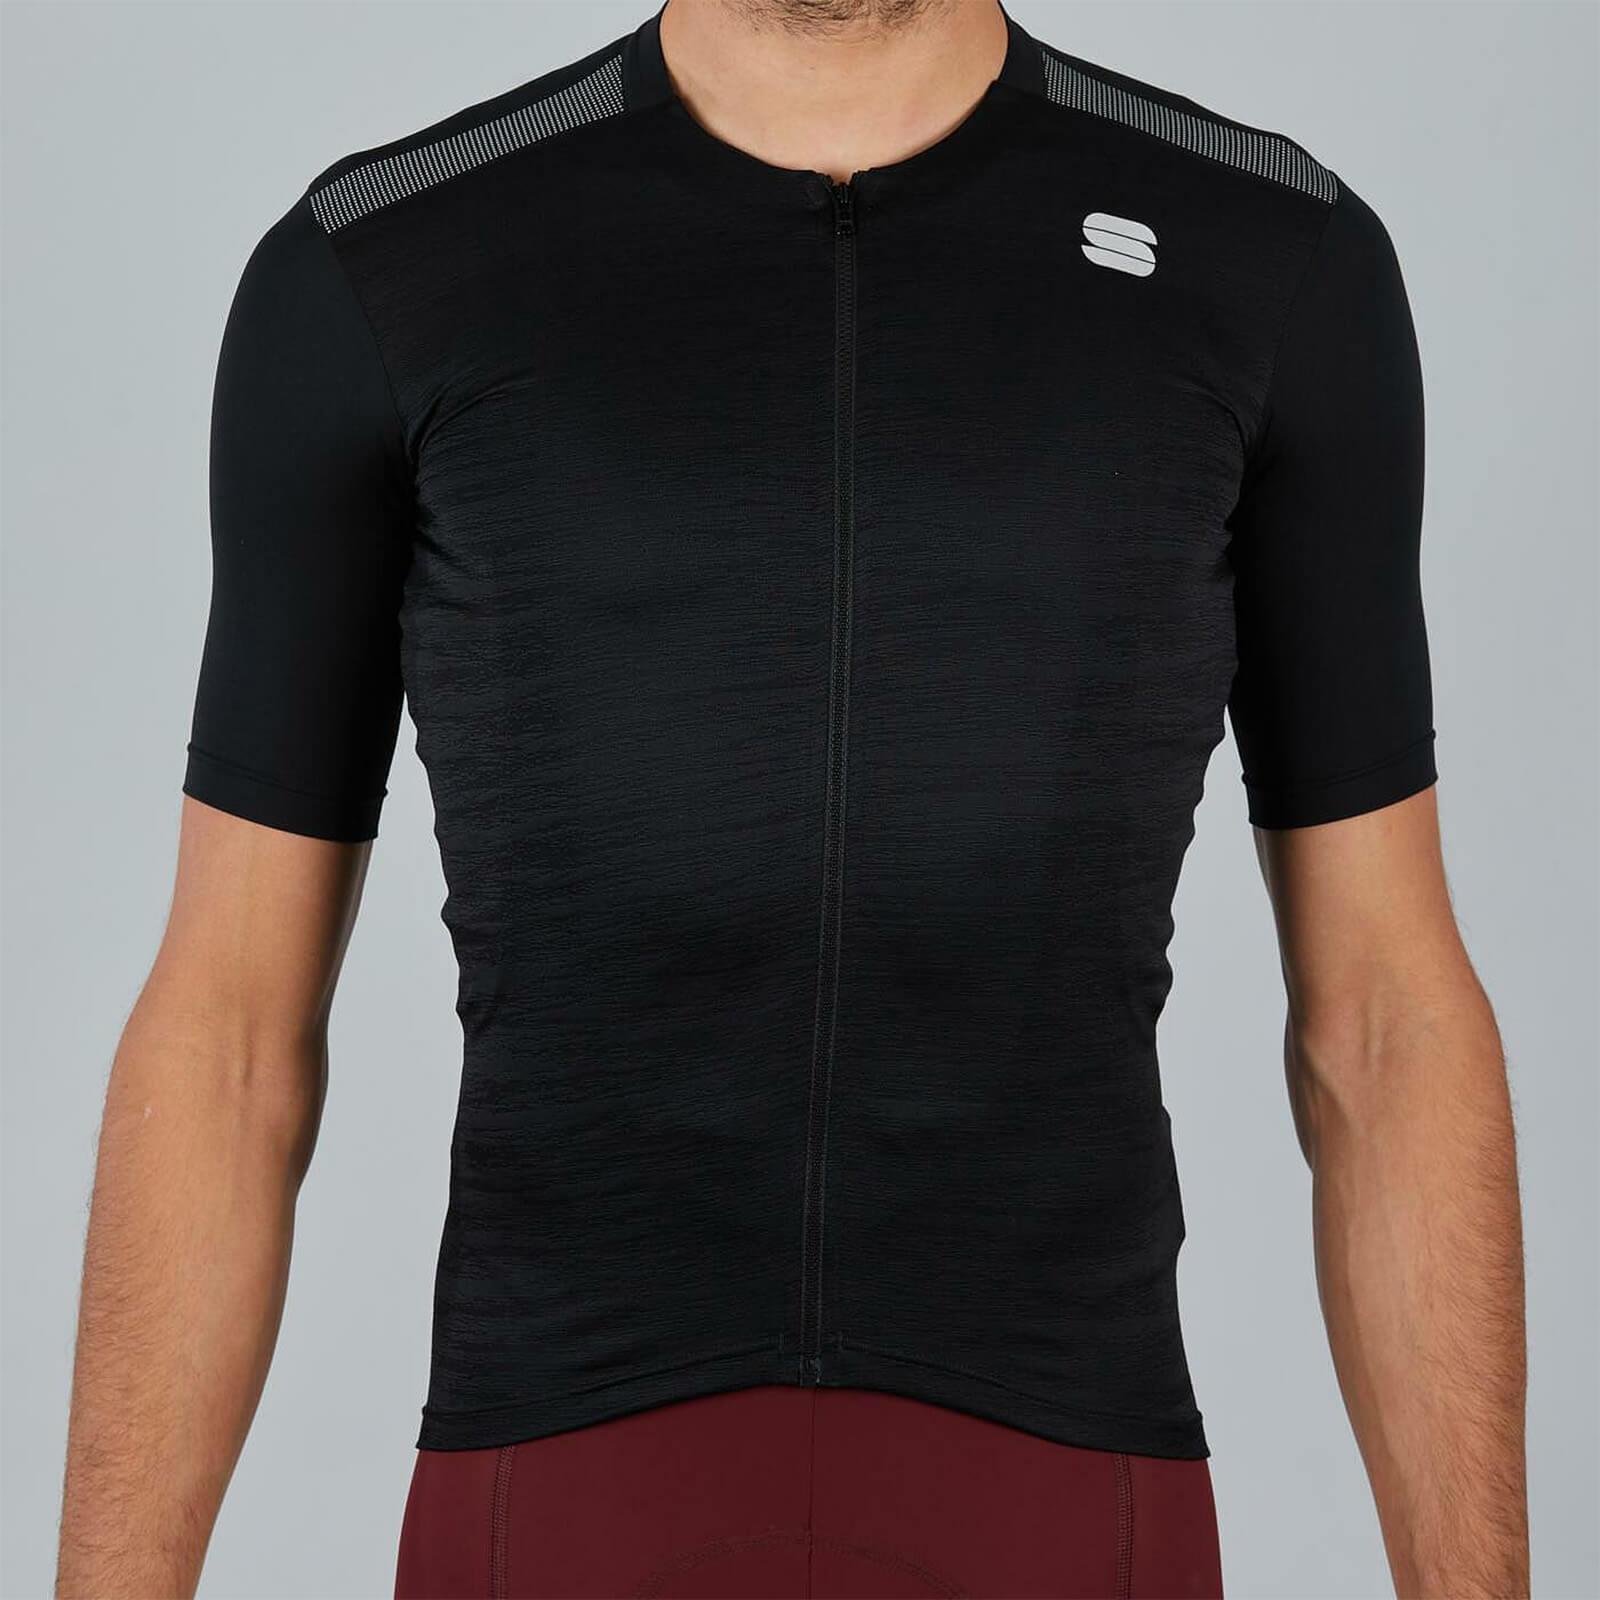 Sportful Supergiara Jersey - M - Black